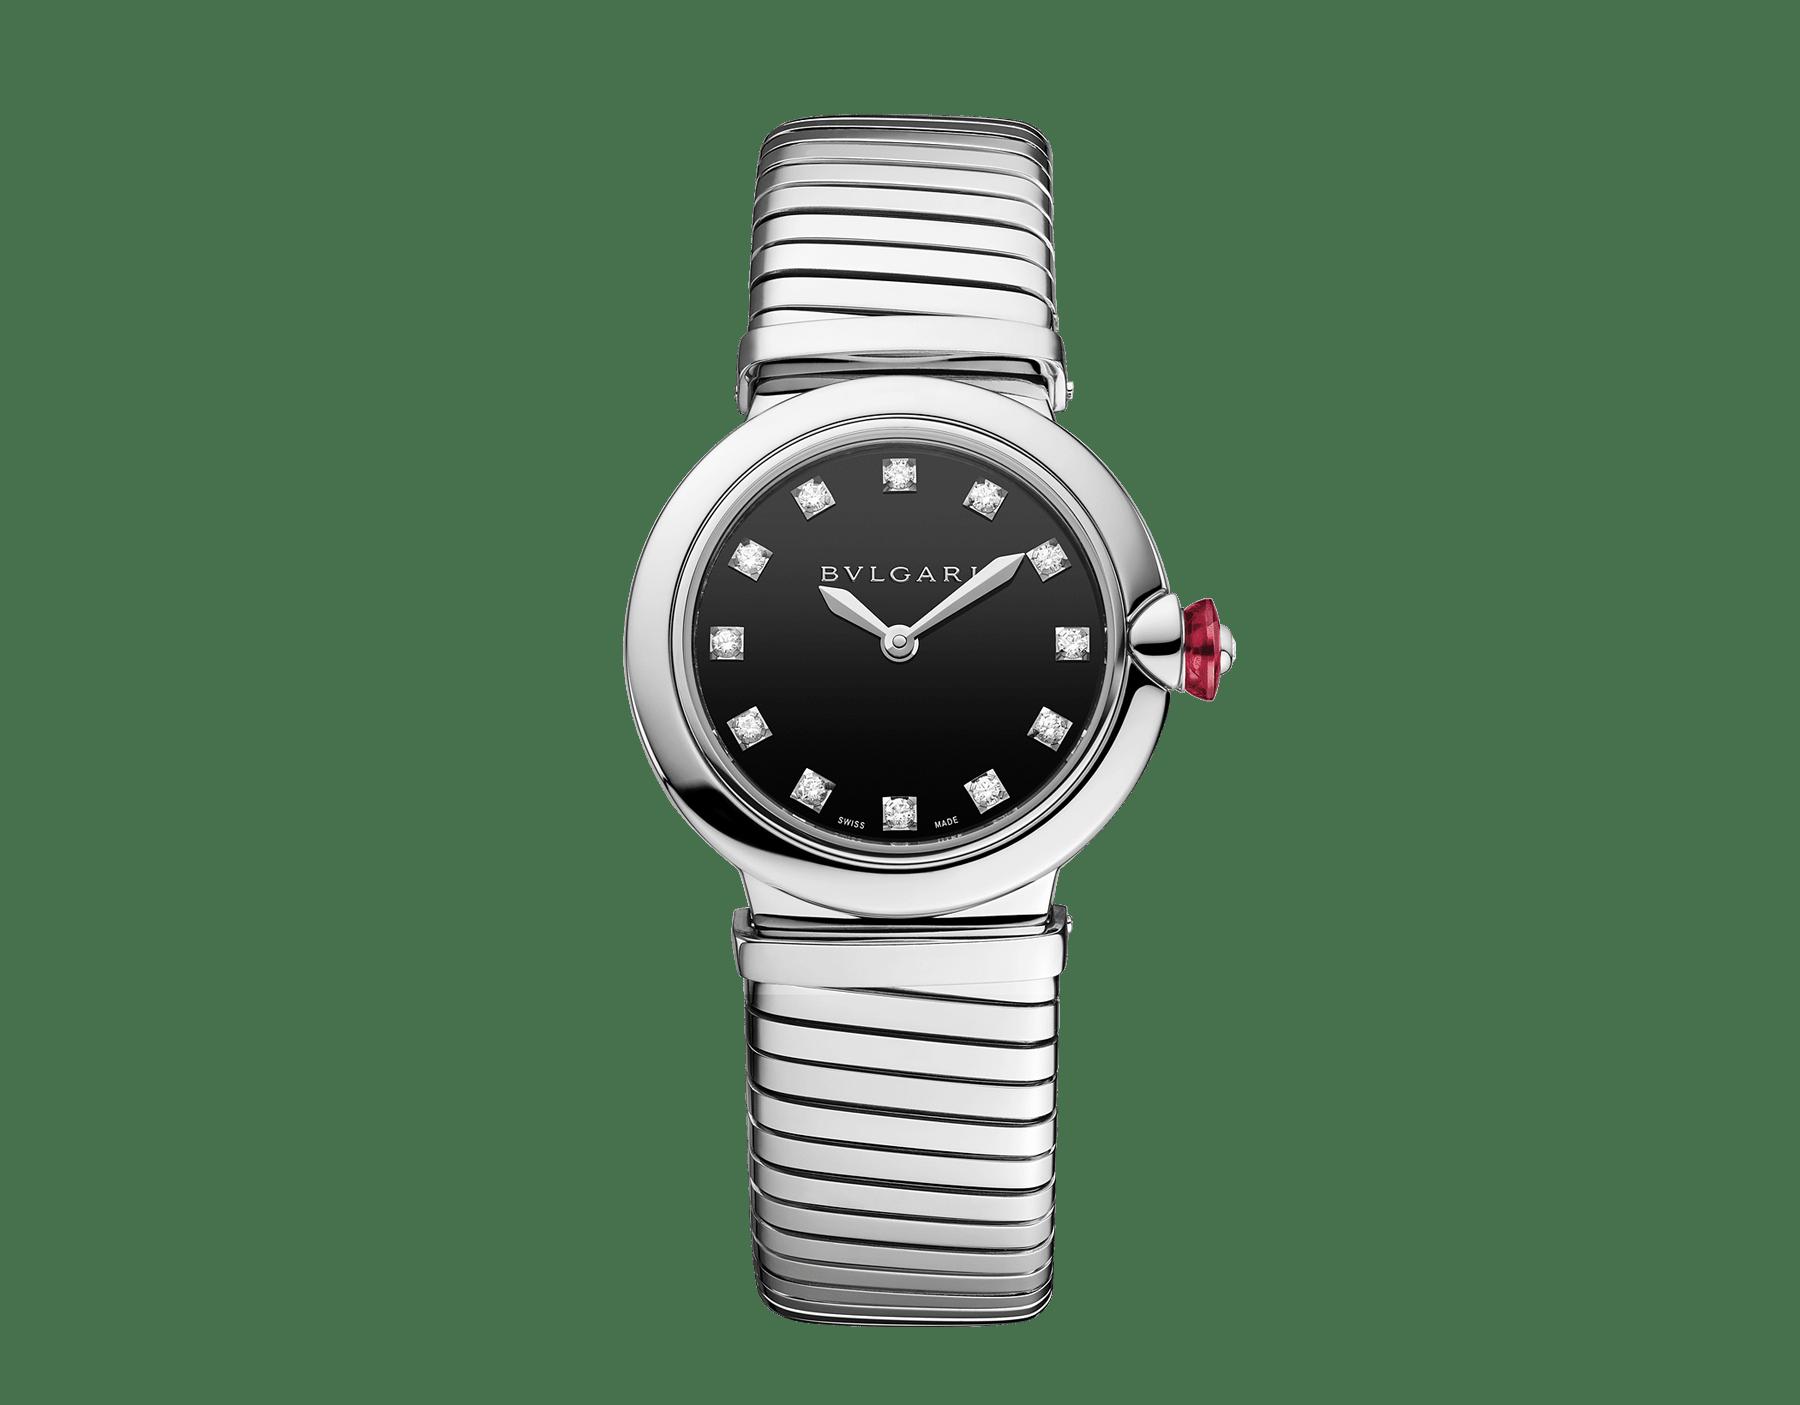 Reloj LVCEA Tubogas con caja y brazalete tubogas en acero inoxidable, esfera lacada en negro y diamantes engastados como índices. 102951 image 1